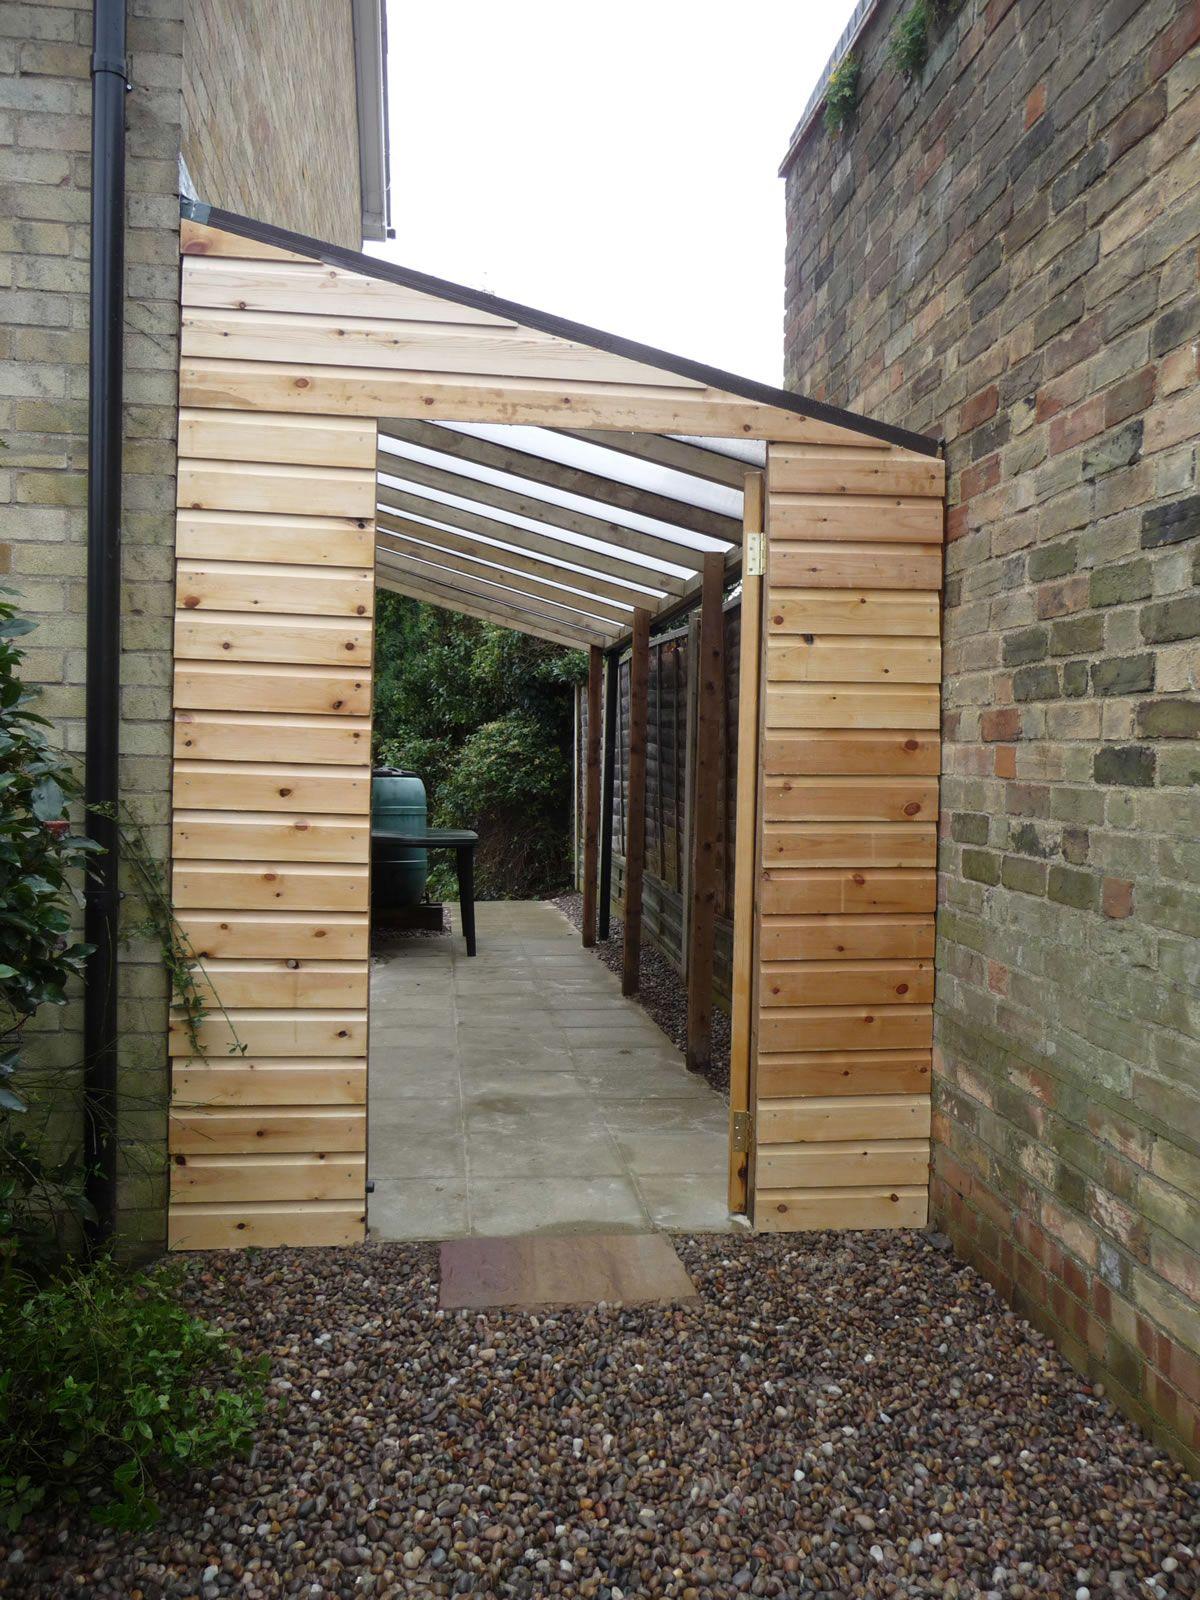 Garden shelter ideas home  Huntingdon Garden Leanto  Home ideas  Pinterest  Gardens